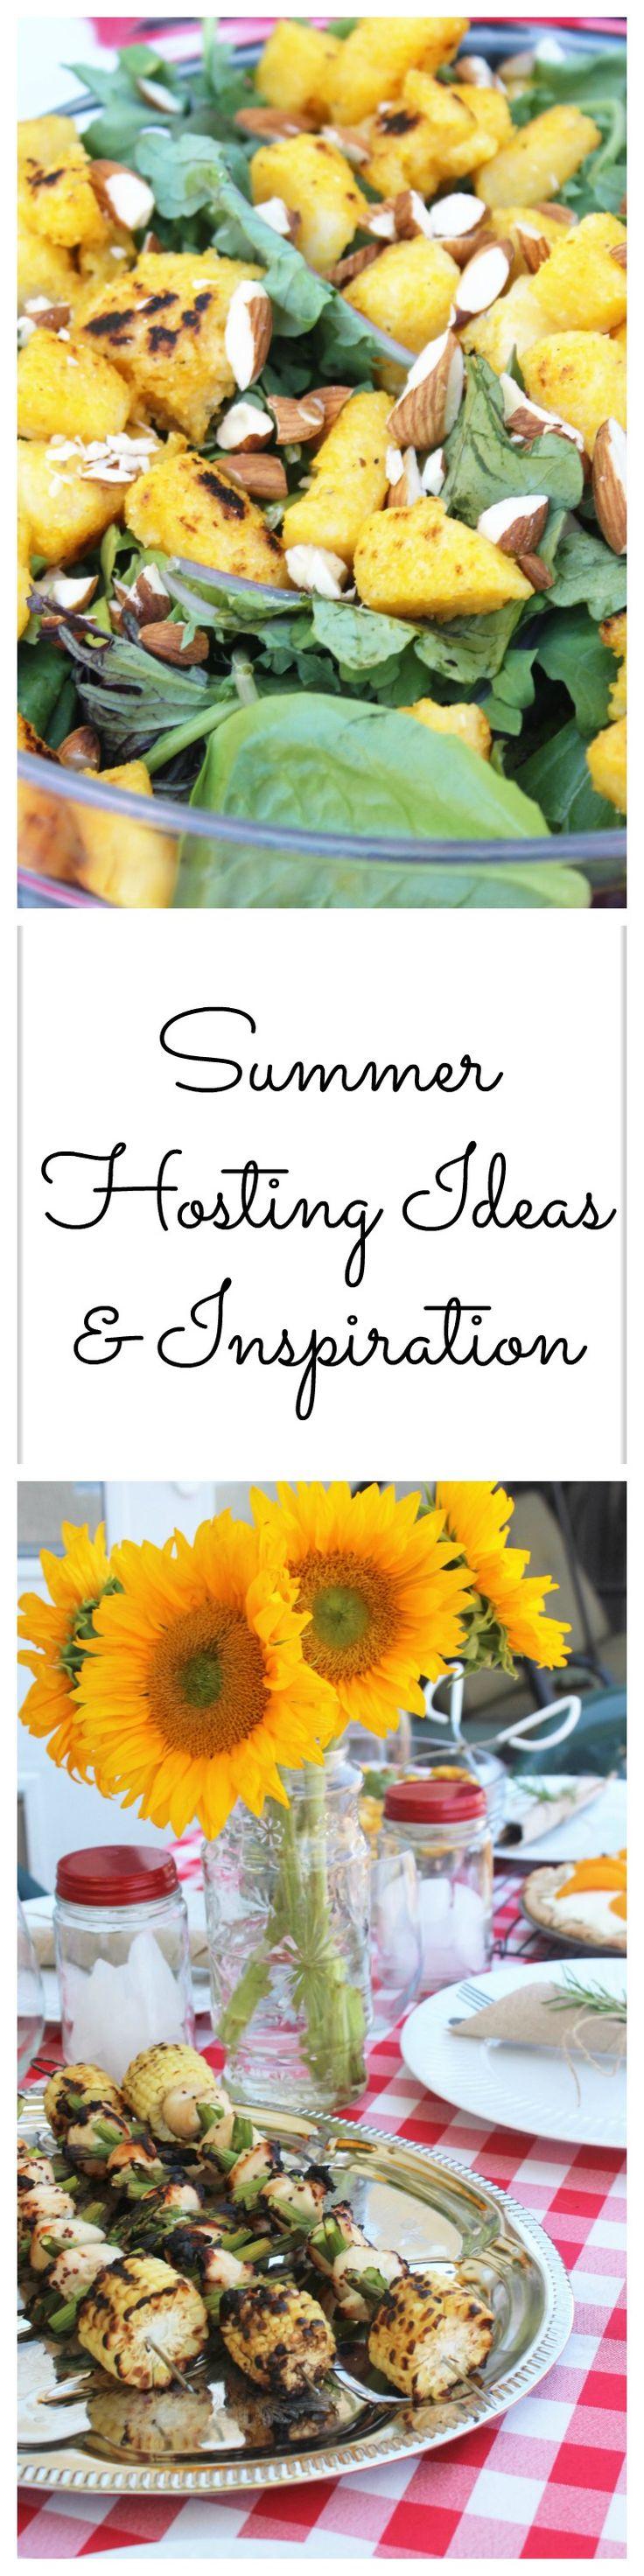 Summer Hosting Ideas & Inspiration